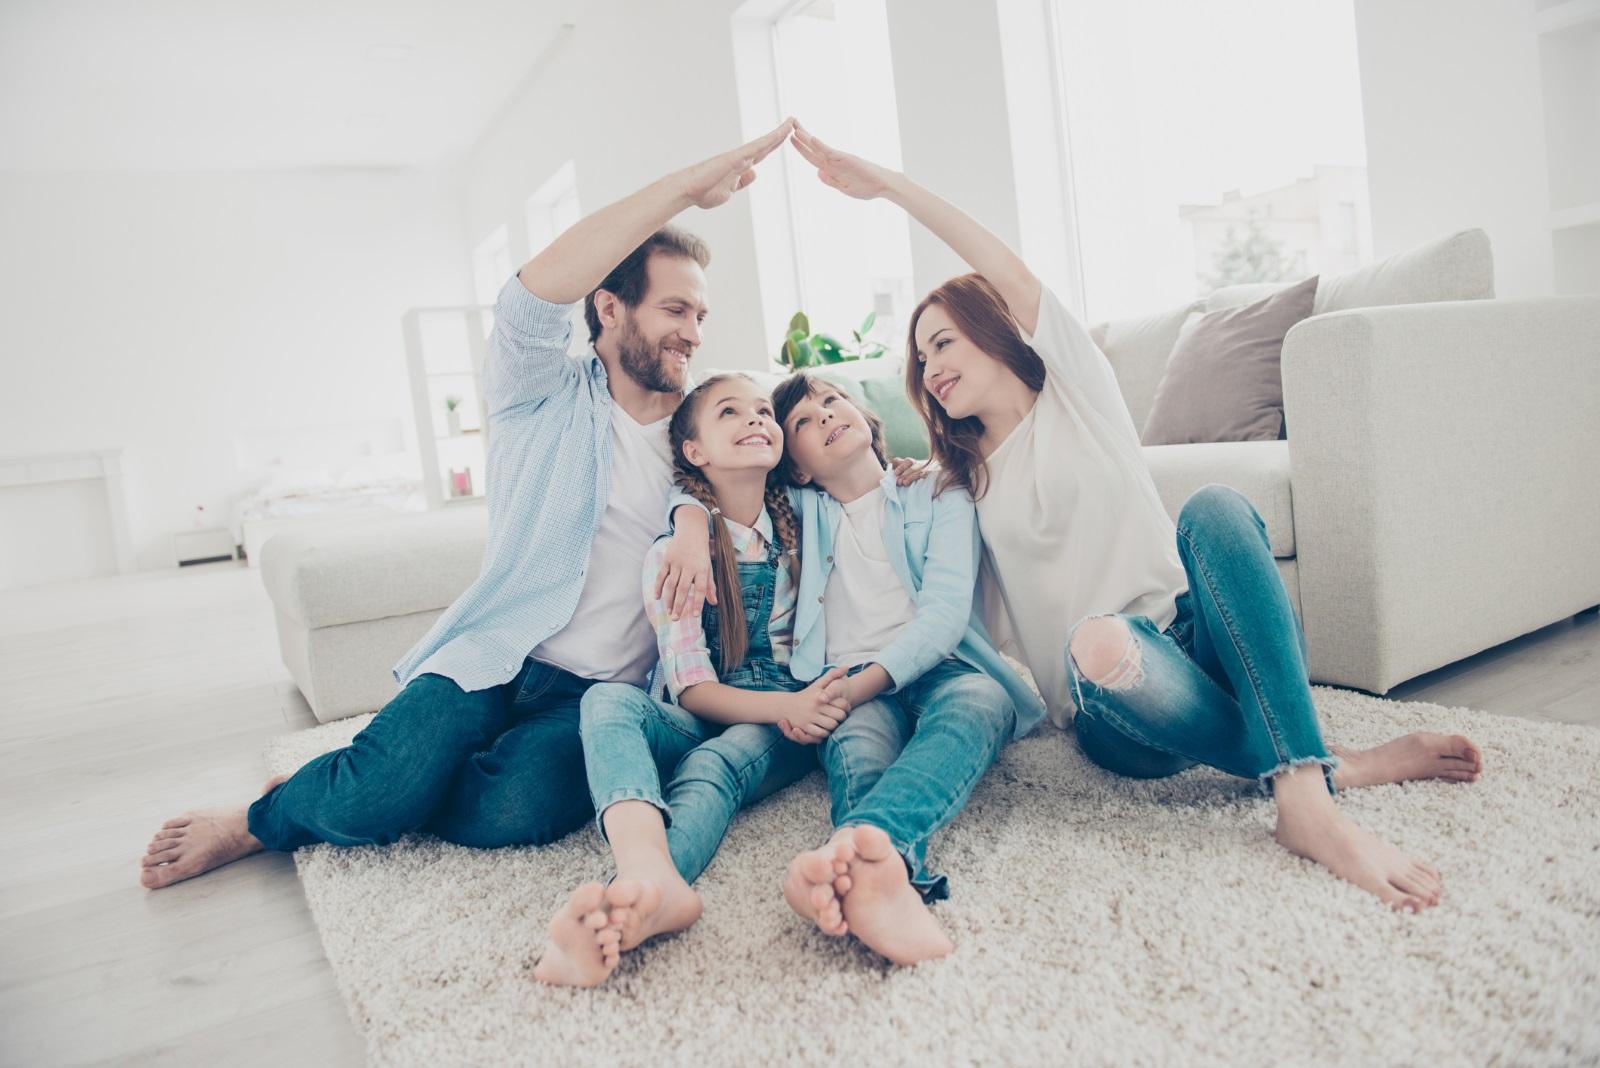 Детето Рак<br /> Едно от най-чувствителните деца на зодиака. Интуицията ви трябва да работи на 10 от 10, за да доловите често неизказаните тревоги, които могат да варират от страха за живота на буболечка до истински емоционални терзания. Най-важното, от което тези деца се нуждаят, е дълбоката връзка със семейството, така че да могат да се отделят като пълноценни личности.